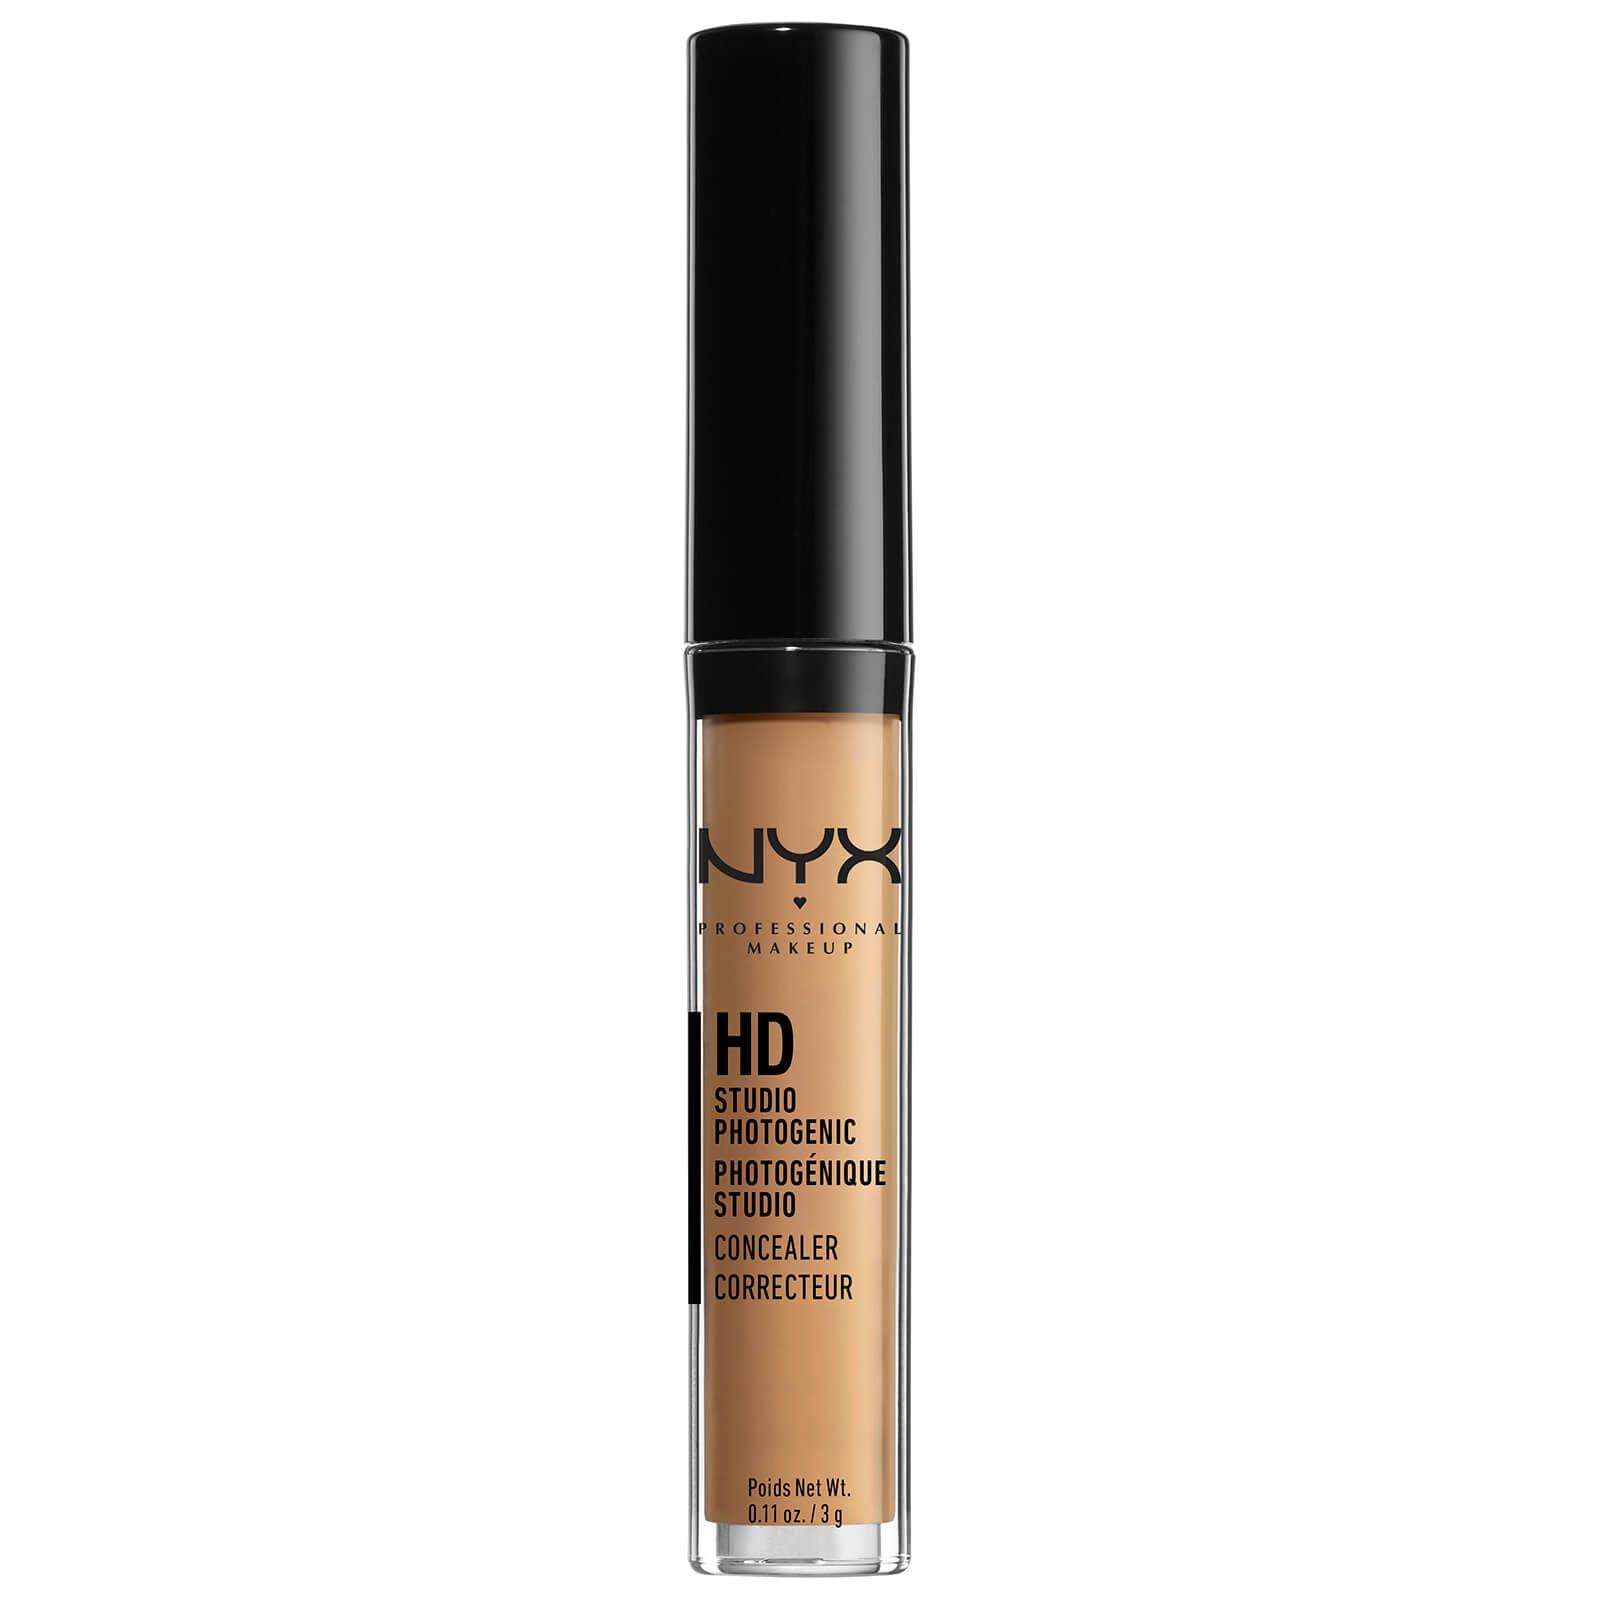 Купить Жидкий консилер для лица NYX Professional Makeup HD Photogenic Concealer Wand (различные оттенки) - Tan